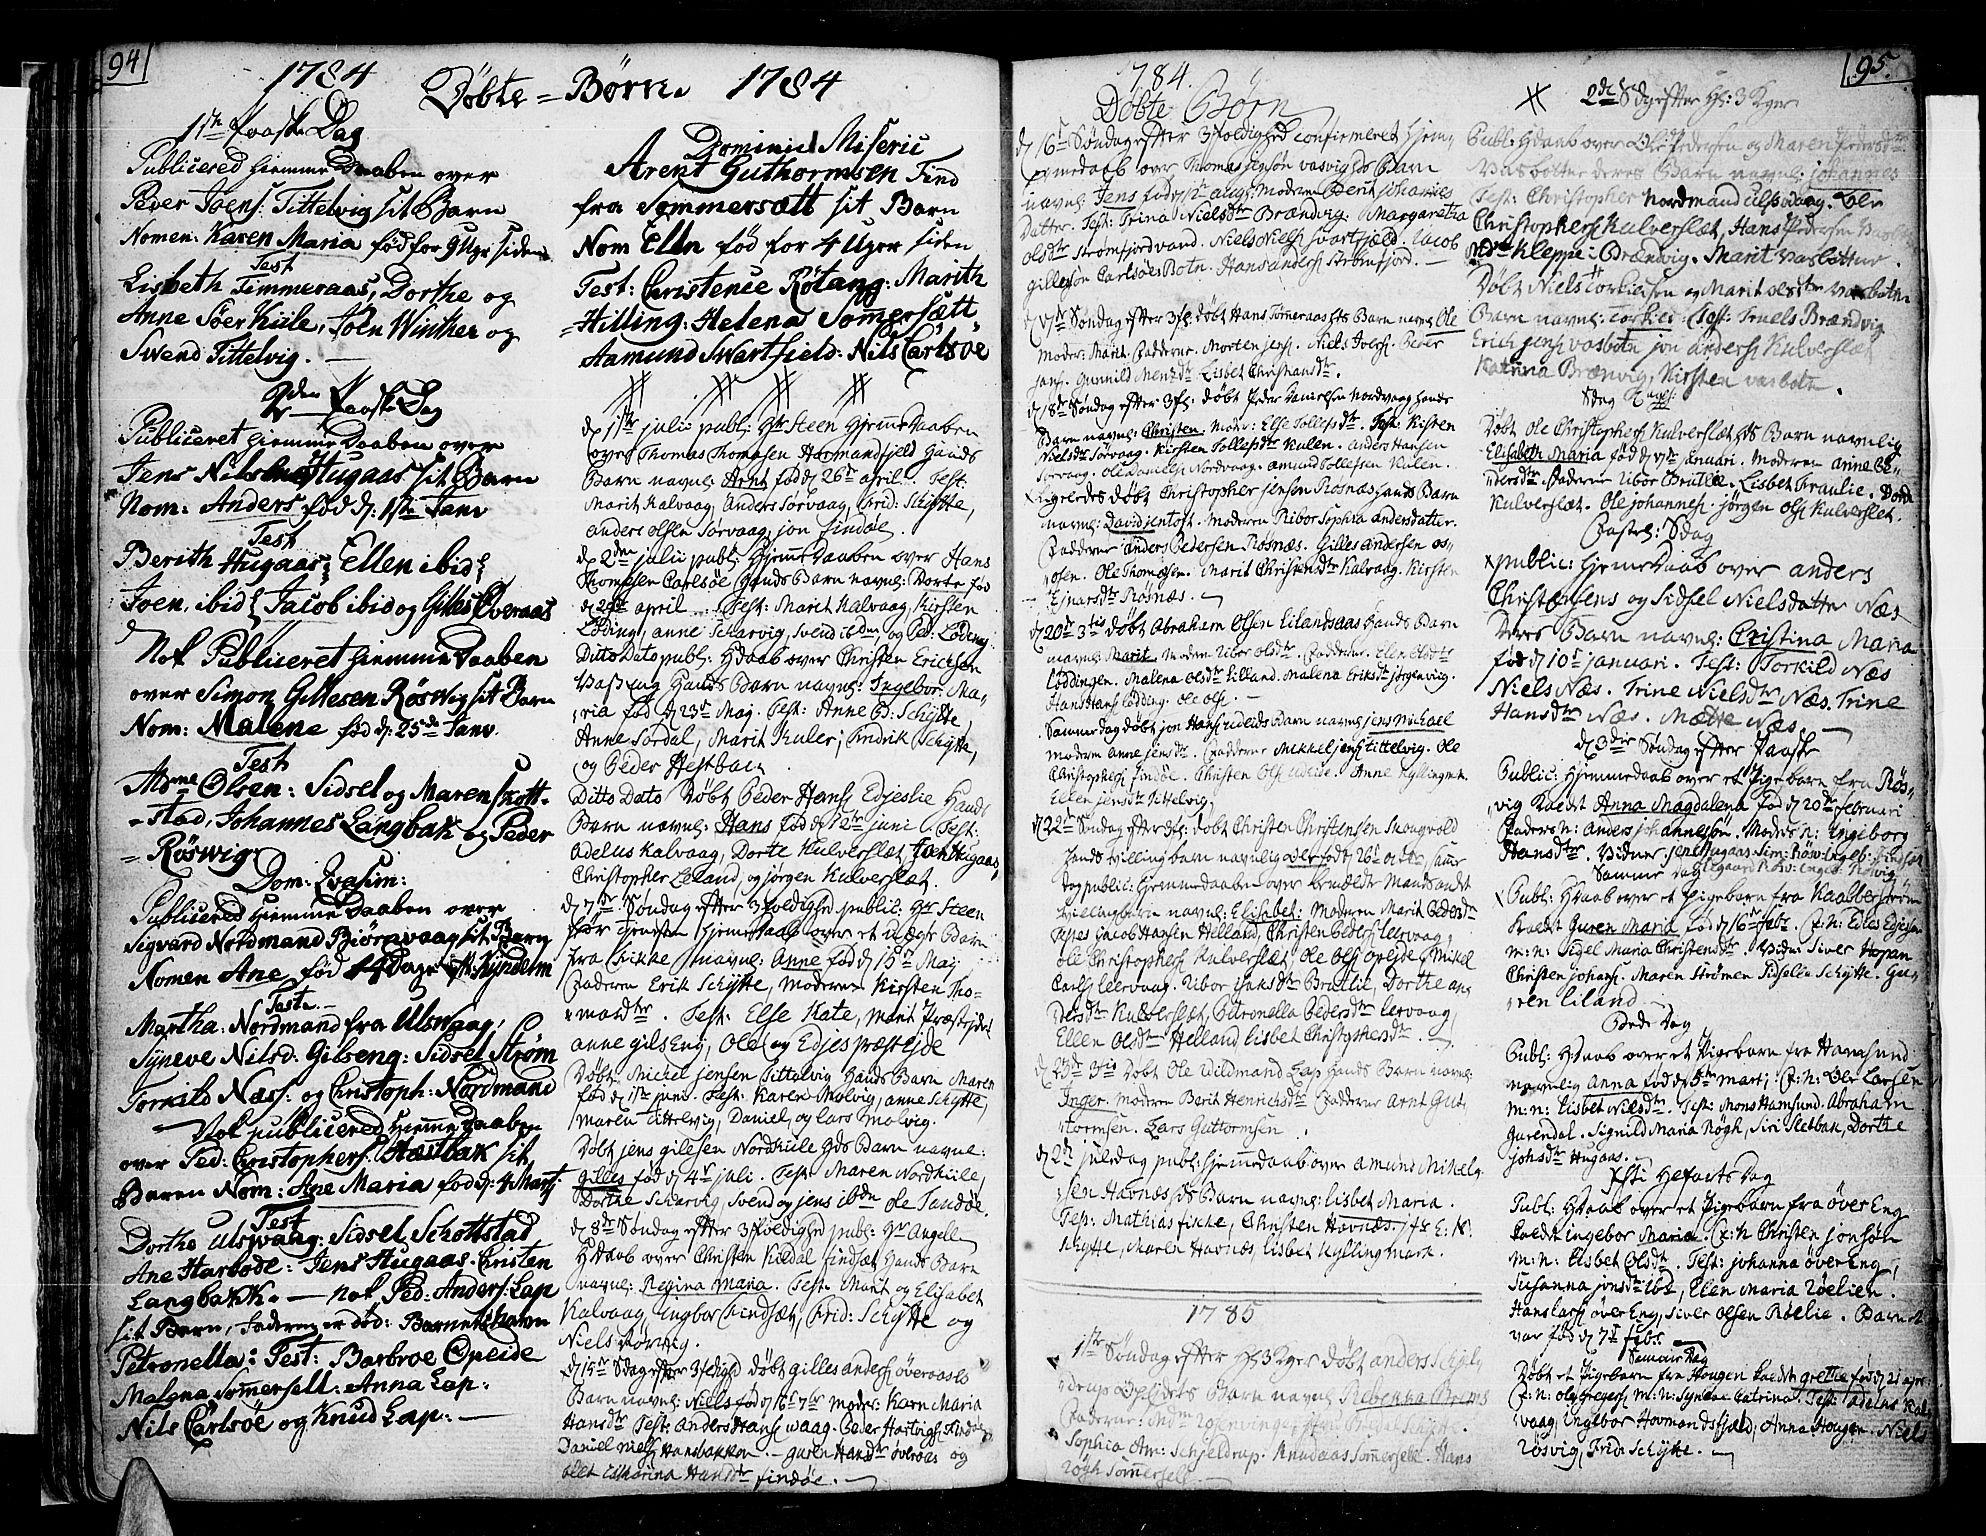 SAT, Ministerialprotokoller, klokkerbøker og fødselsregistre - Nordland, 859/L0841: Parish register (official) no. 859A01, 1766-1821, p. 94-95